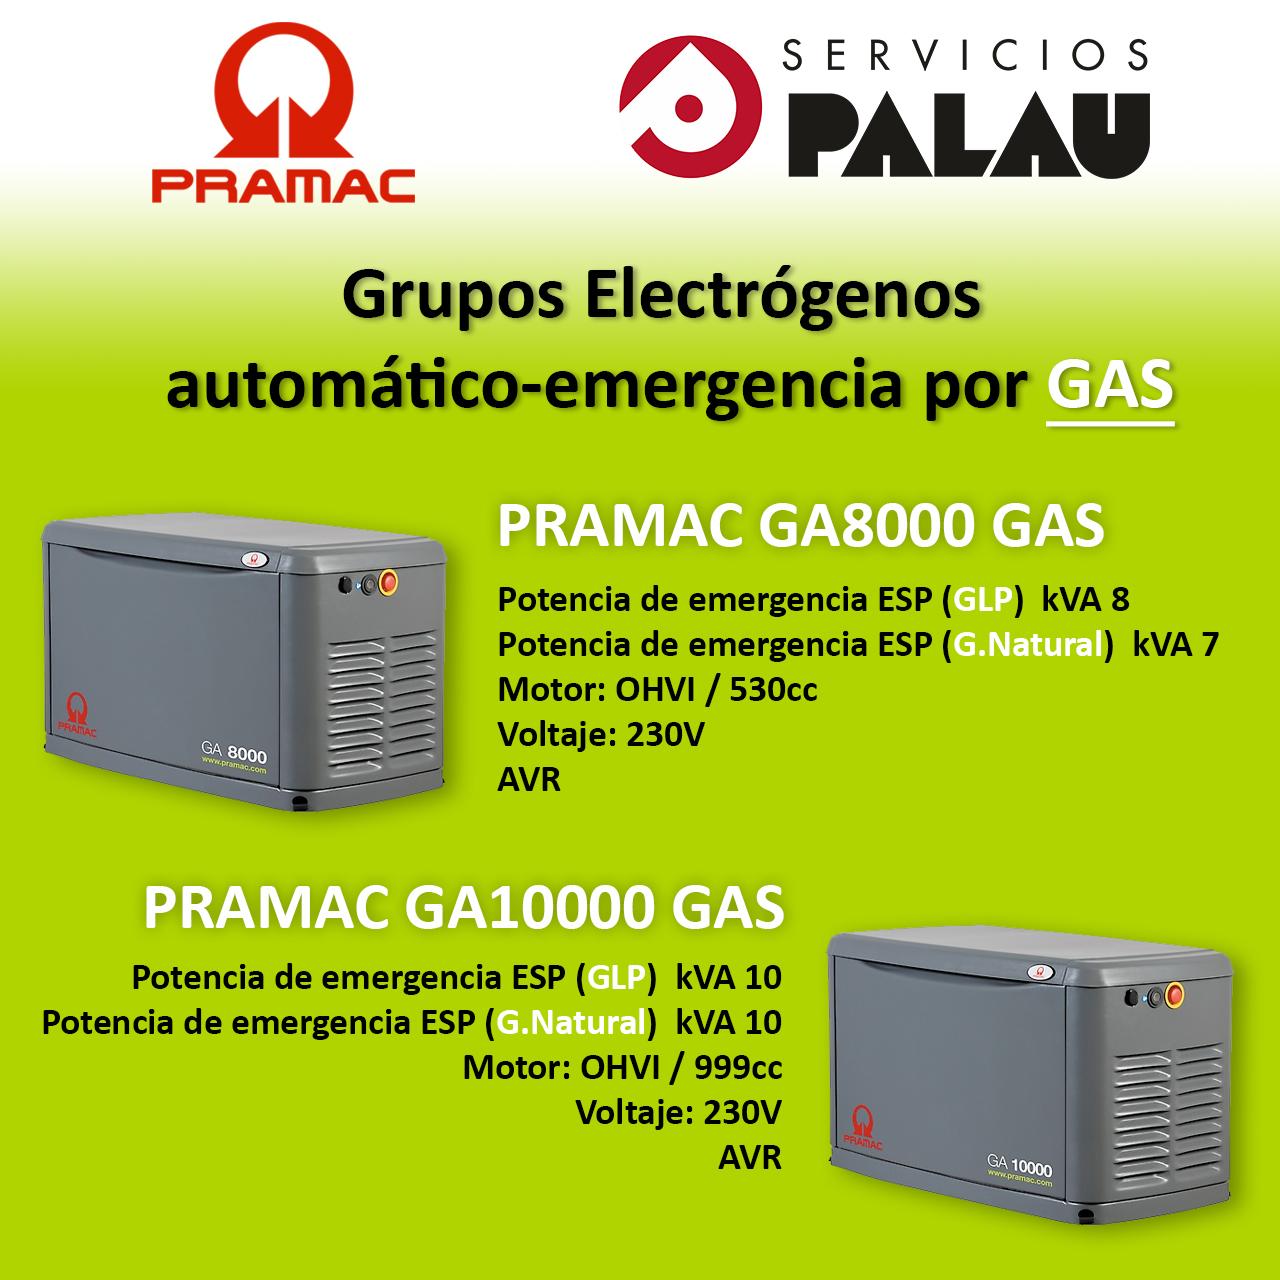 Grupos Electrógenos Automáticos-Emergencia por GAS 4